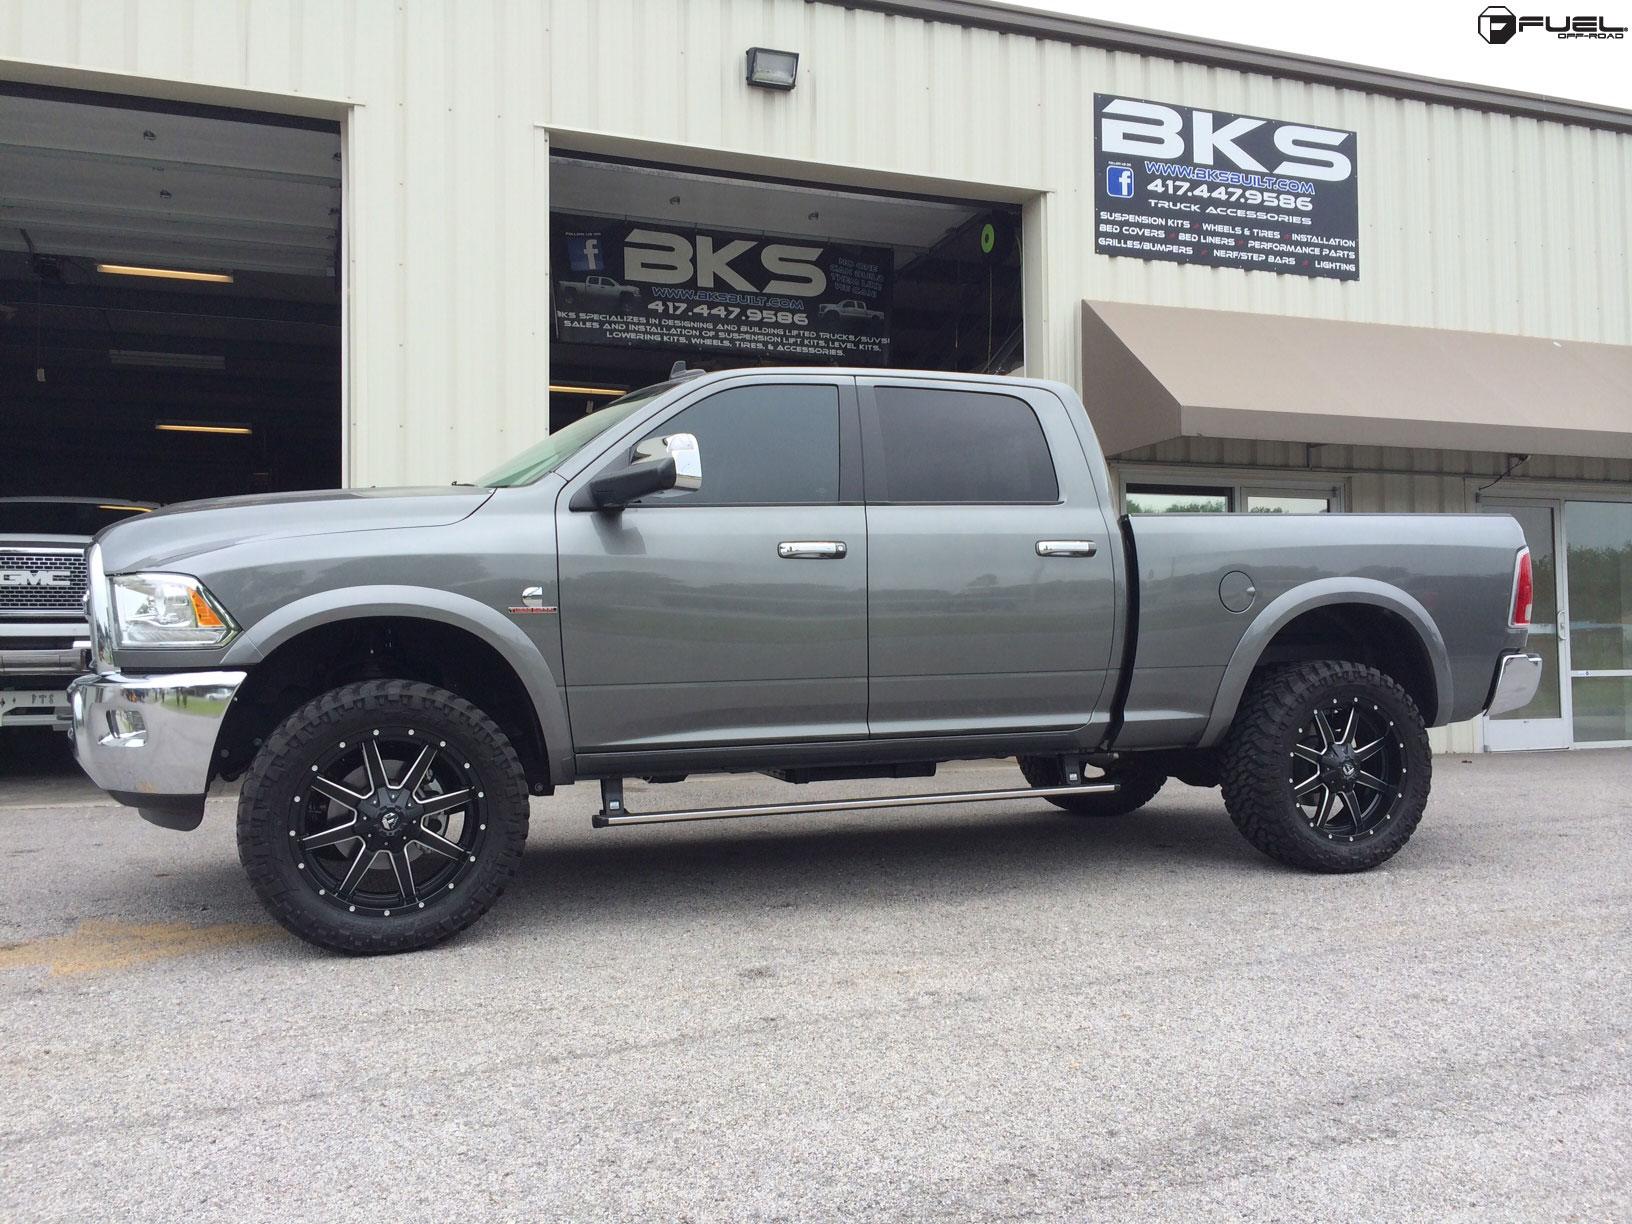 Ram 2500 Fuel Maverick >> Dodge Ram 2500 Maverick - D538 Gallery - Fuel Off-Road Wheels